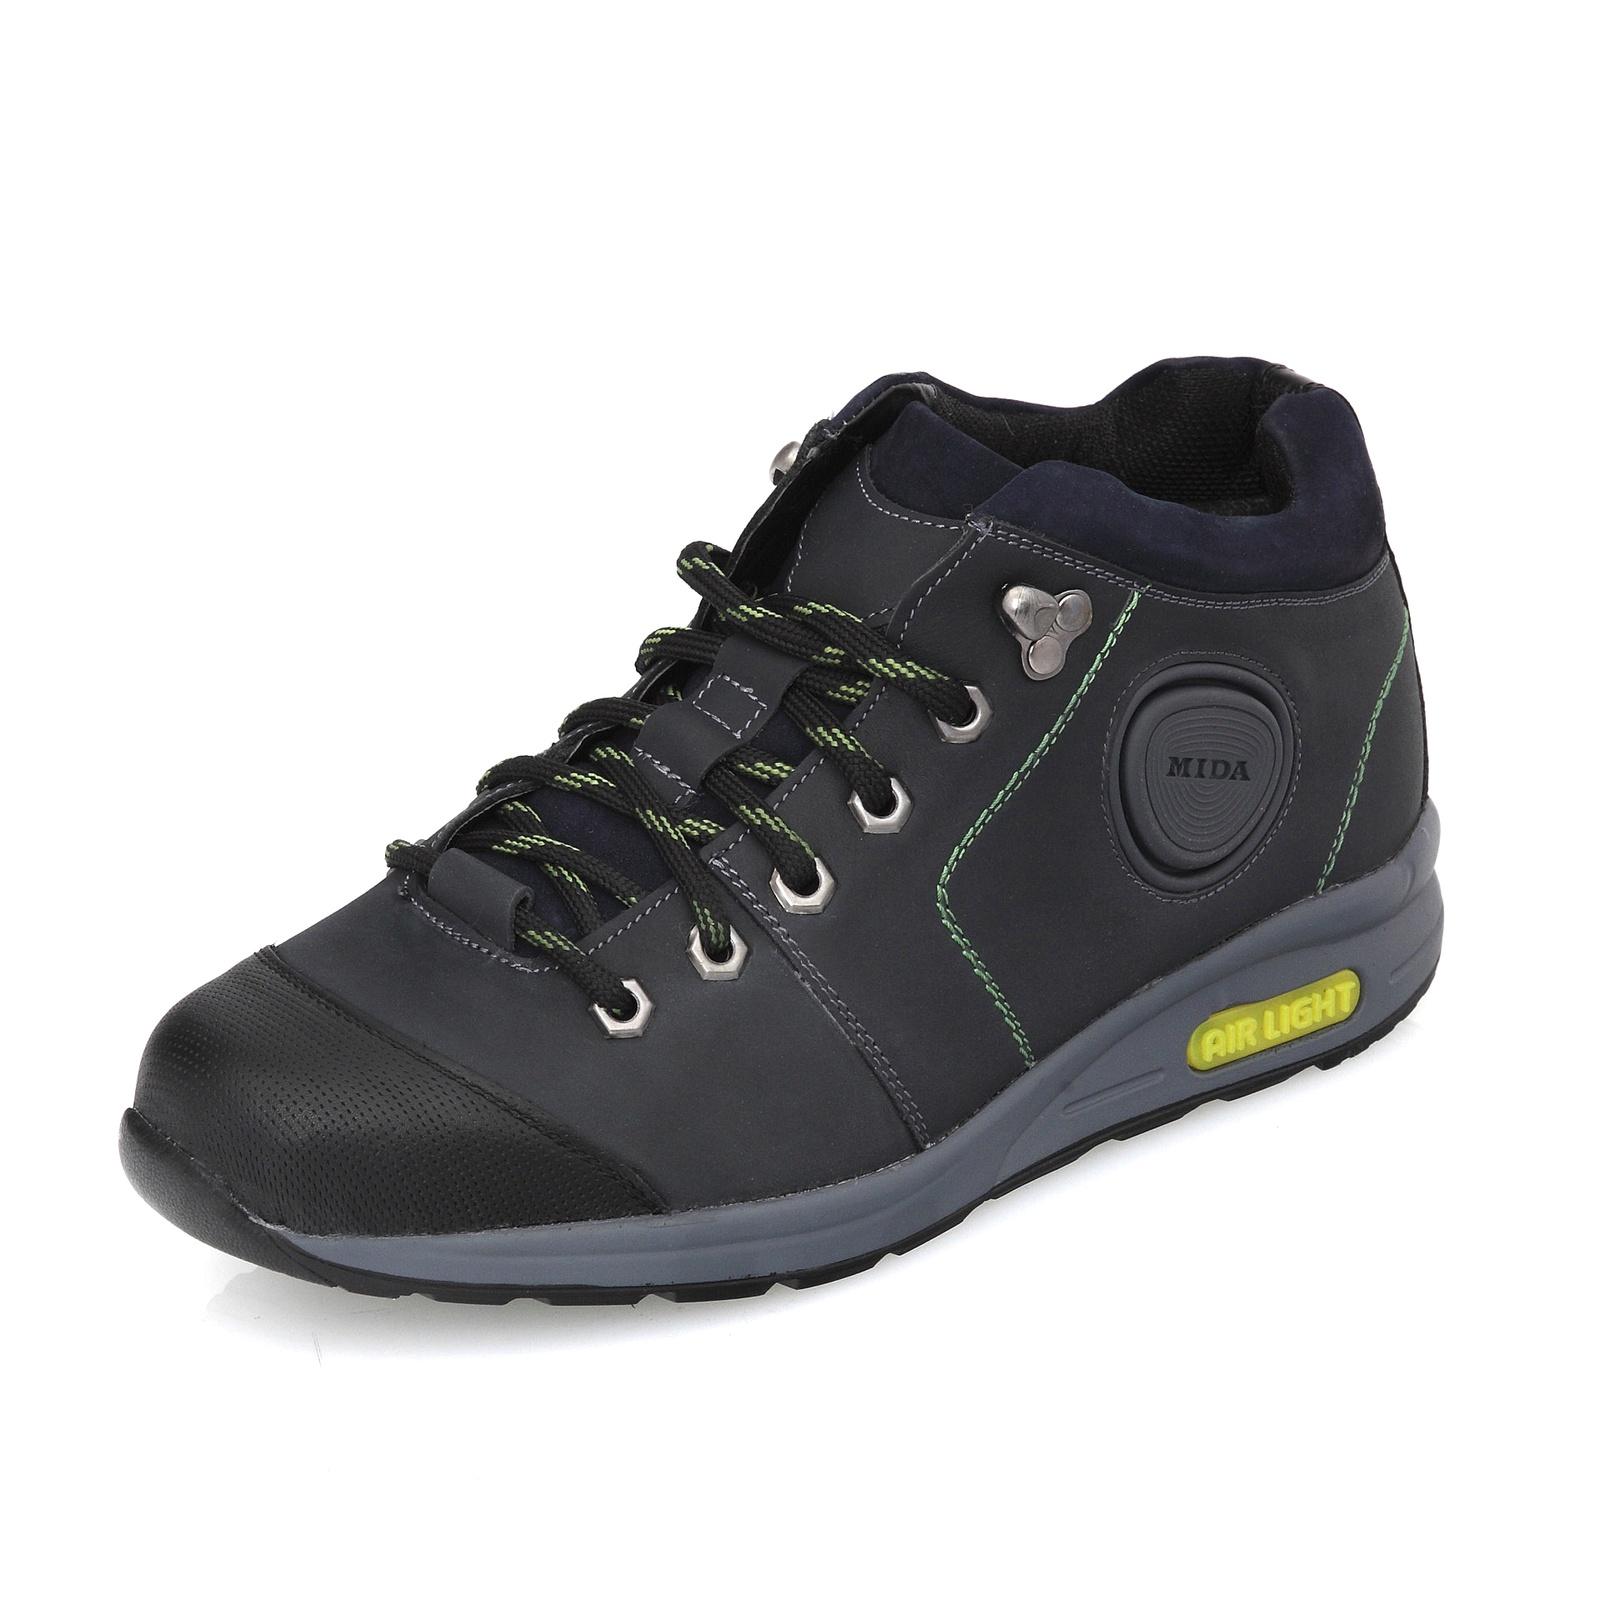 Ботинки Mida мужские кожаные кроссовки зимние